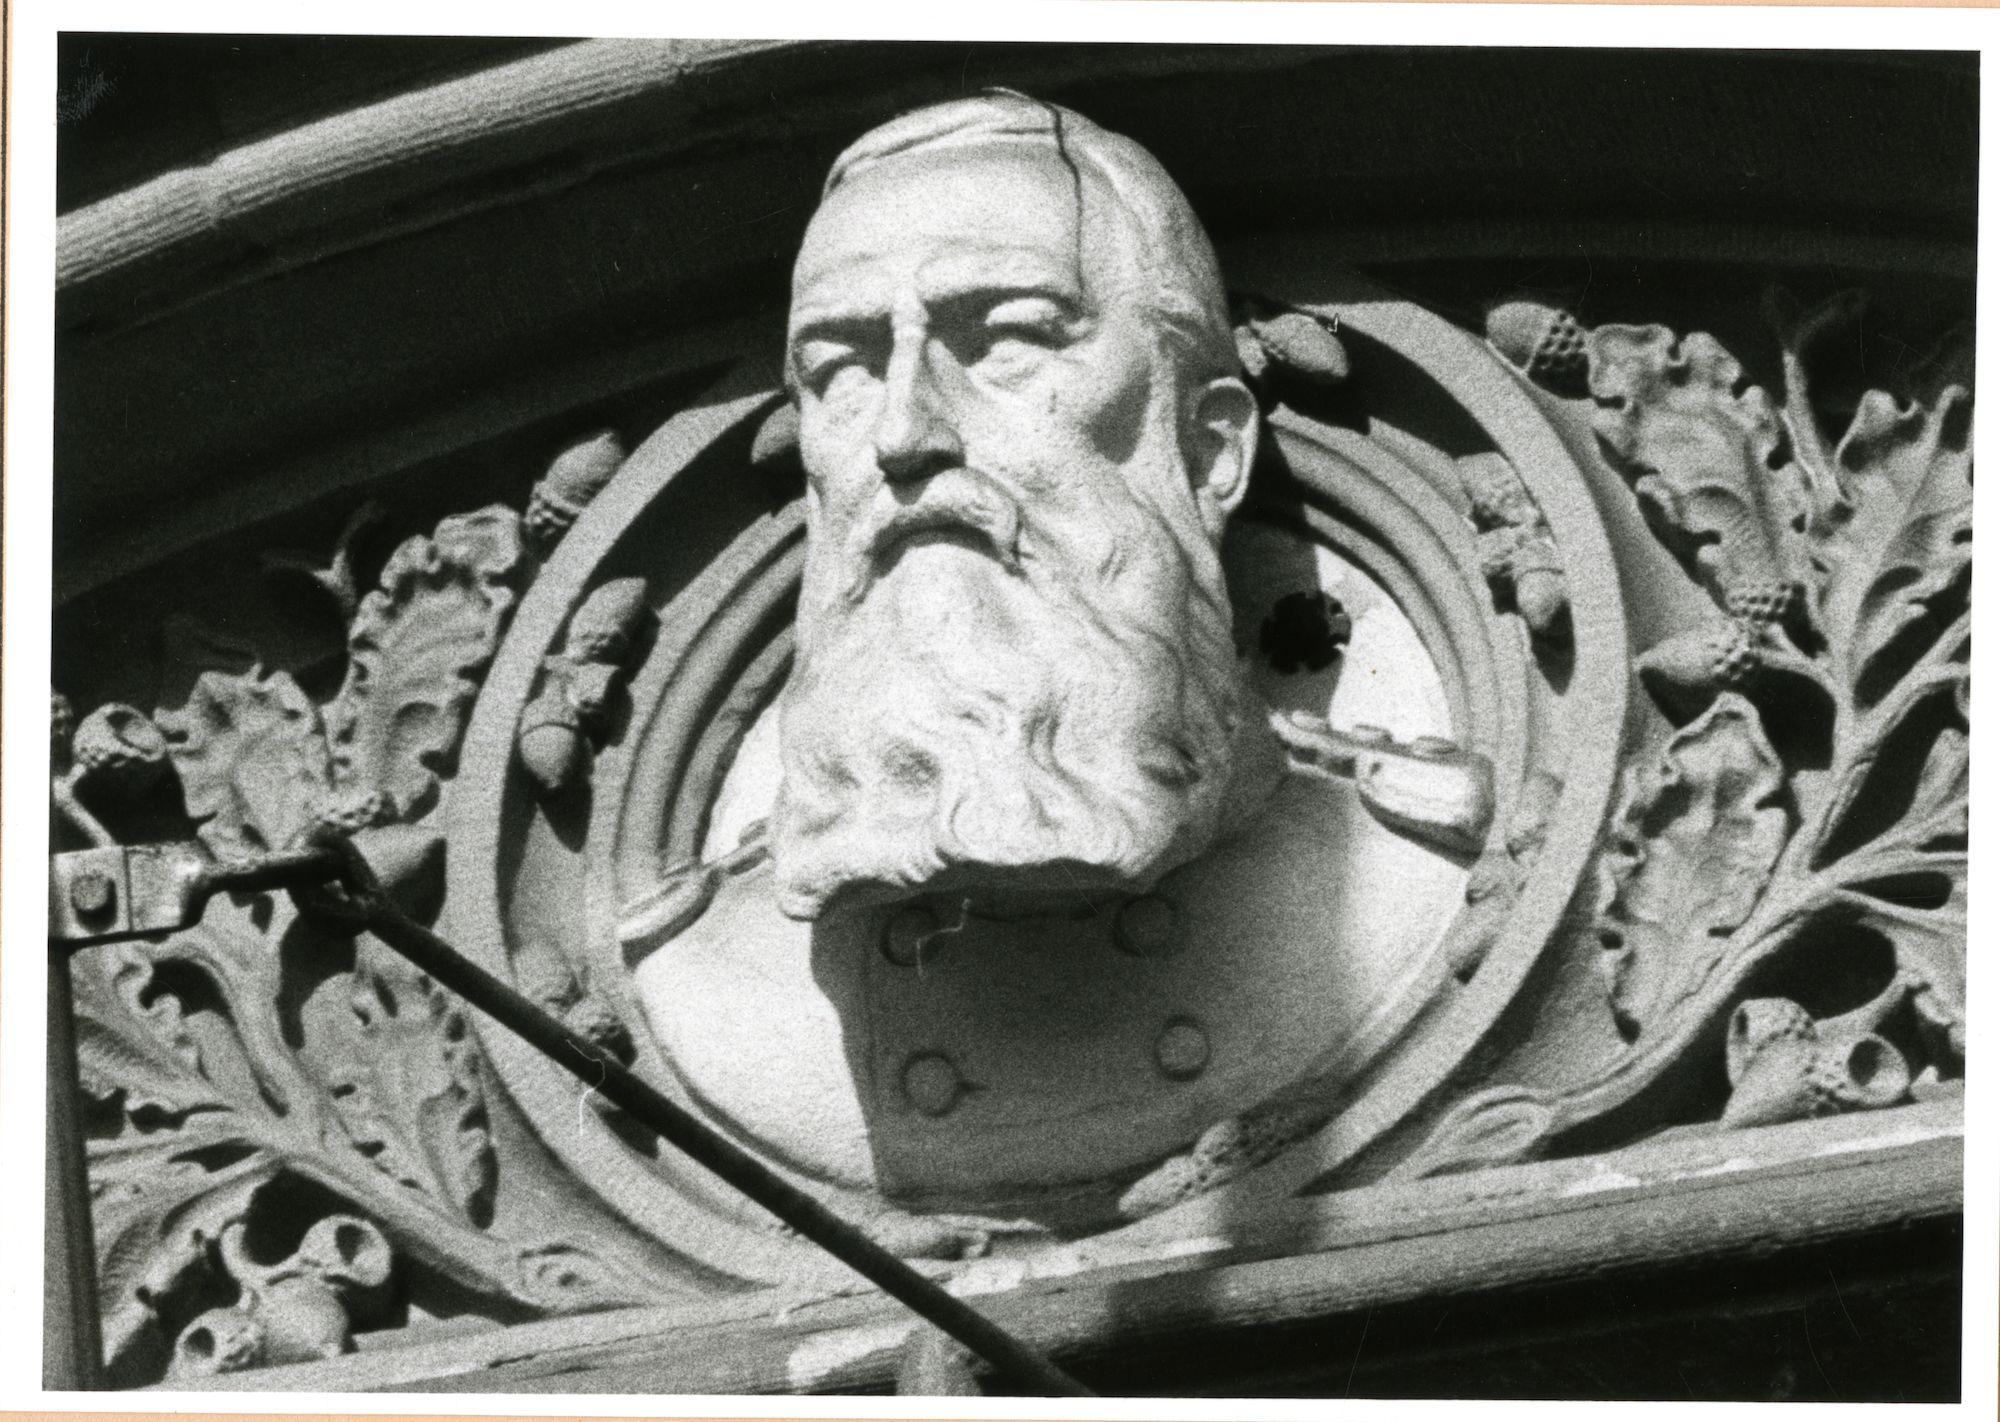 Gent: Korenmarkt: Postgebouw: gevel: borstbeeld van koning Leopold II (1835-1909), 1981